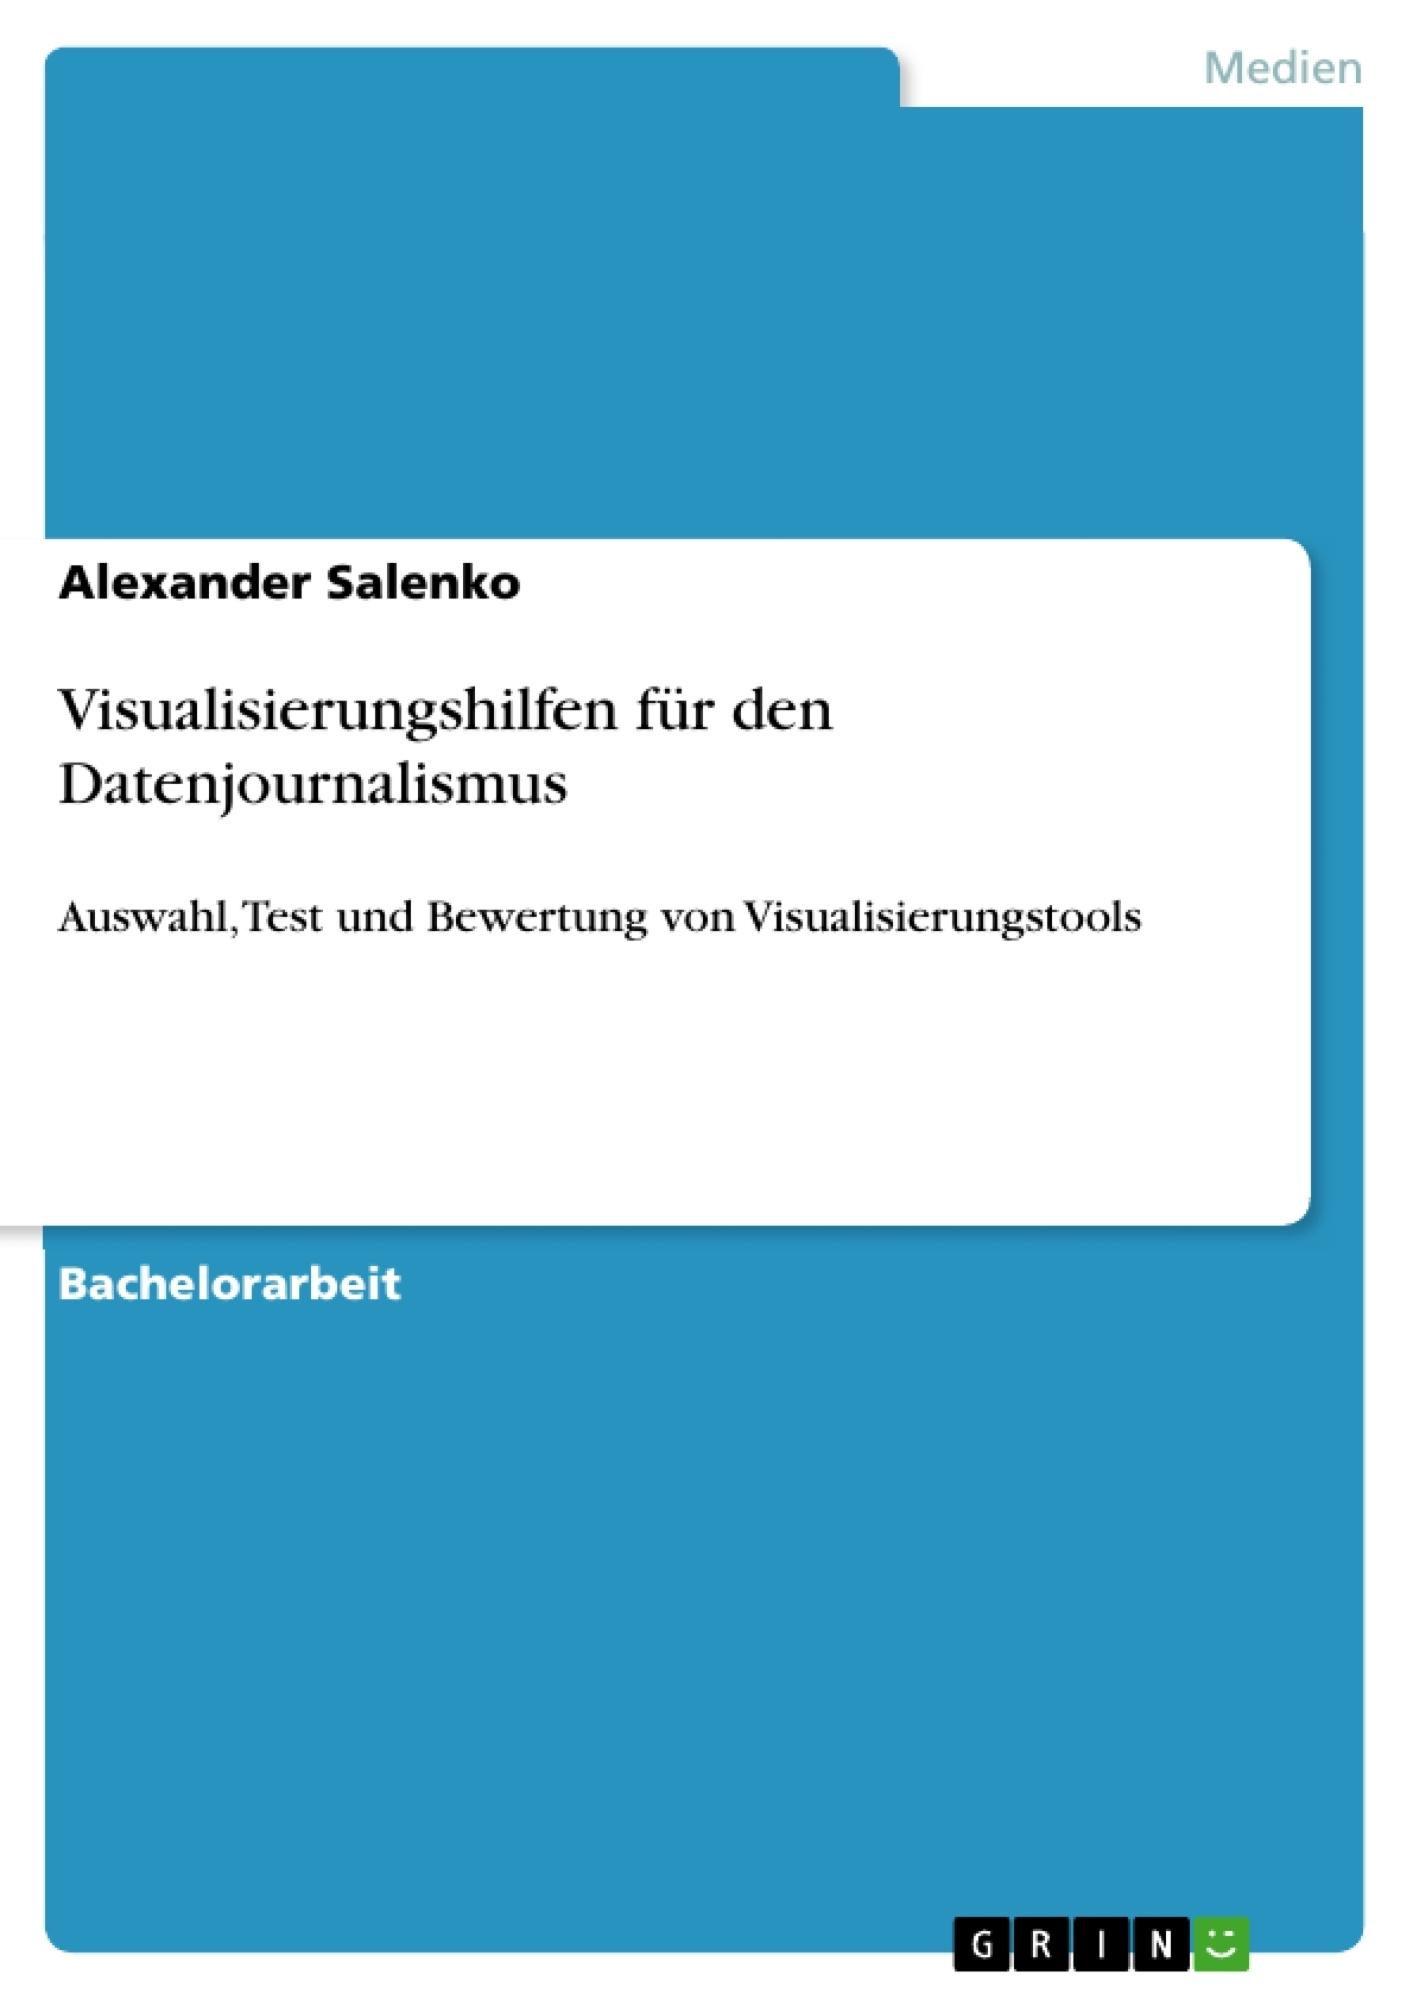 Titel: Visualisierungshilfen für den Datenjournalismus